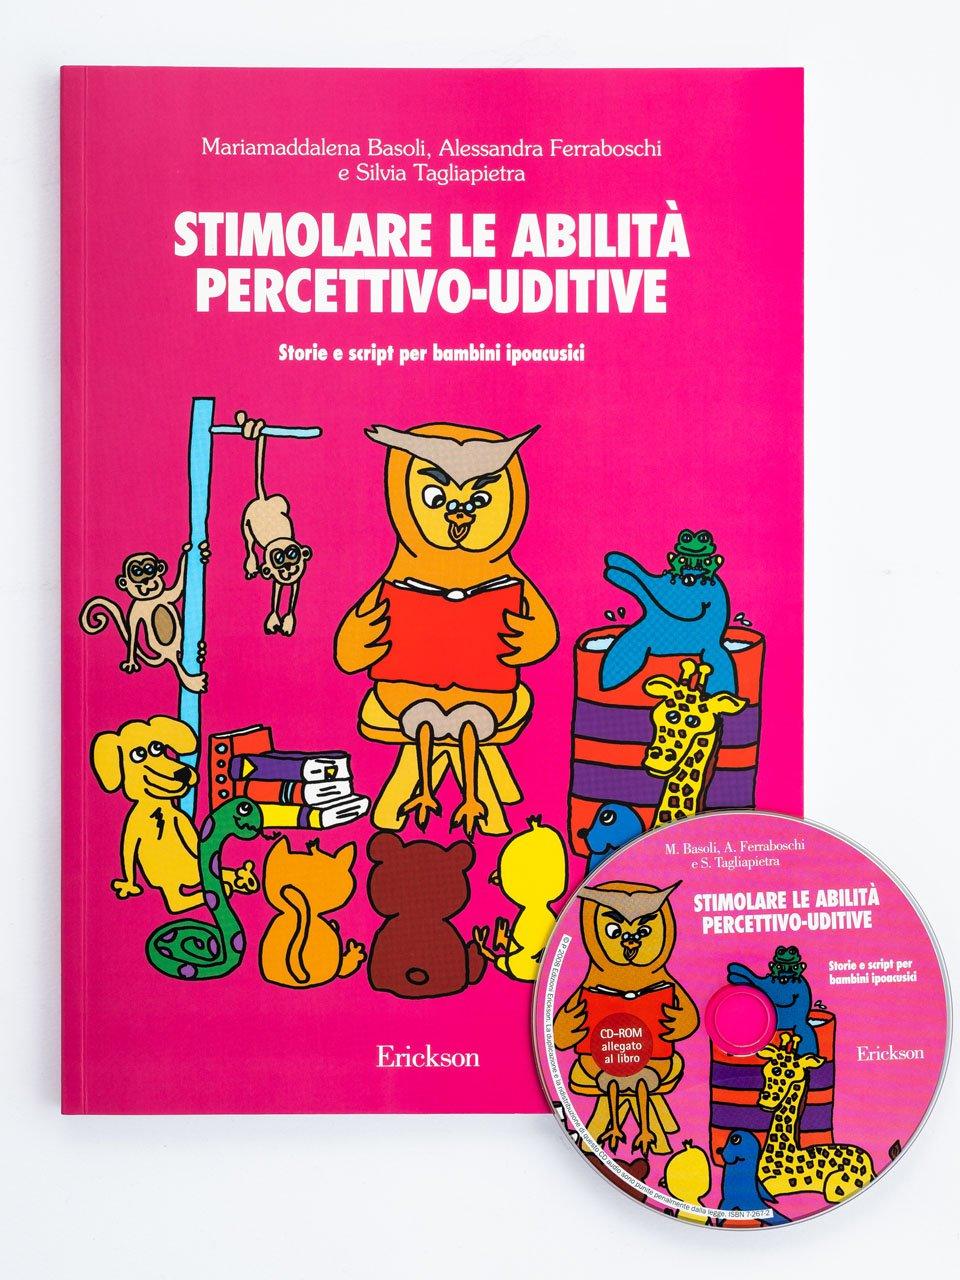 Stimolare le abilità percettivo-uditive - Libri - Erickson 2